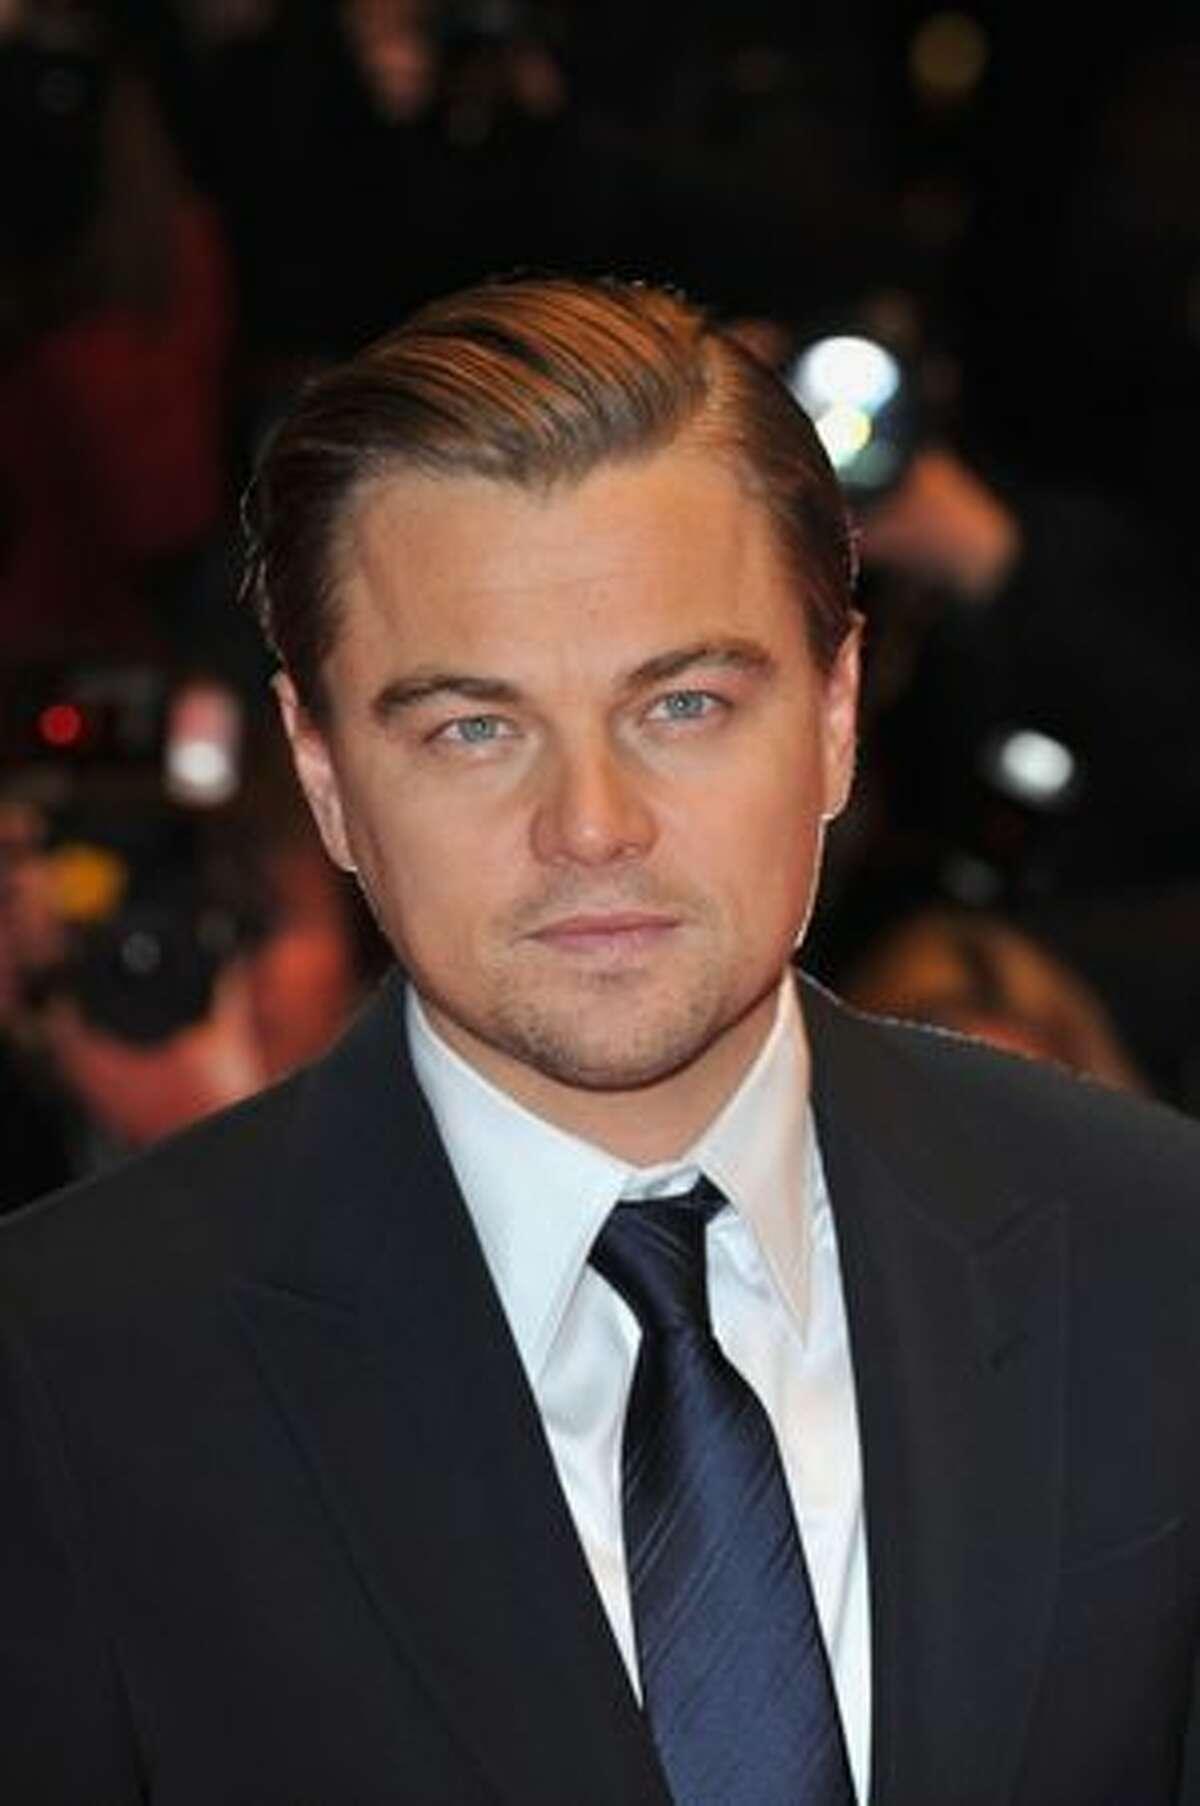 Actor Leonardo DiCaprio attends the